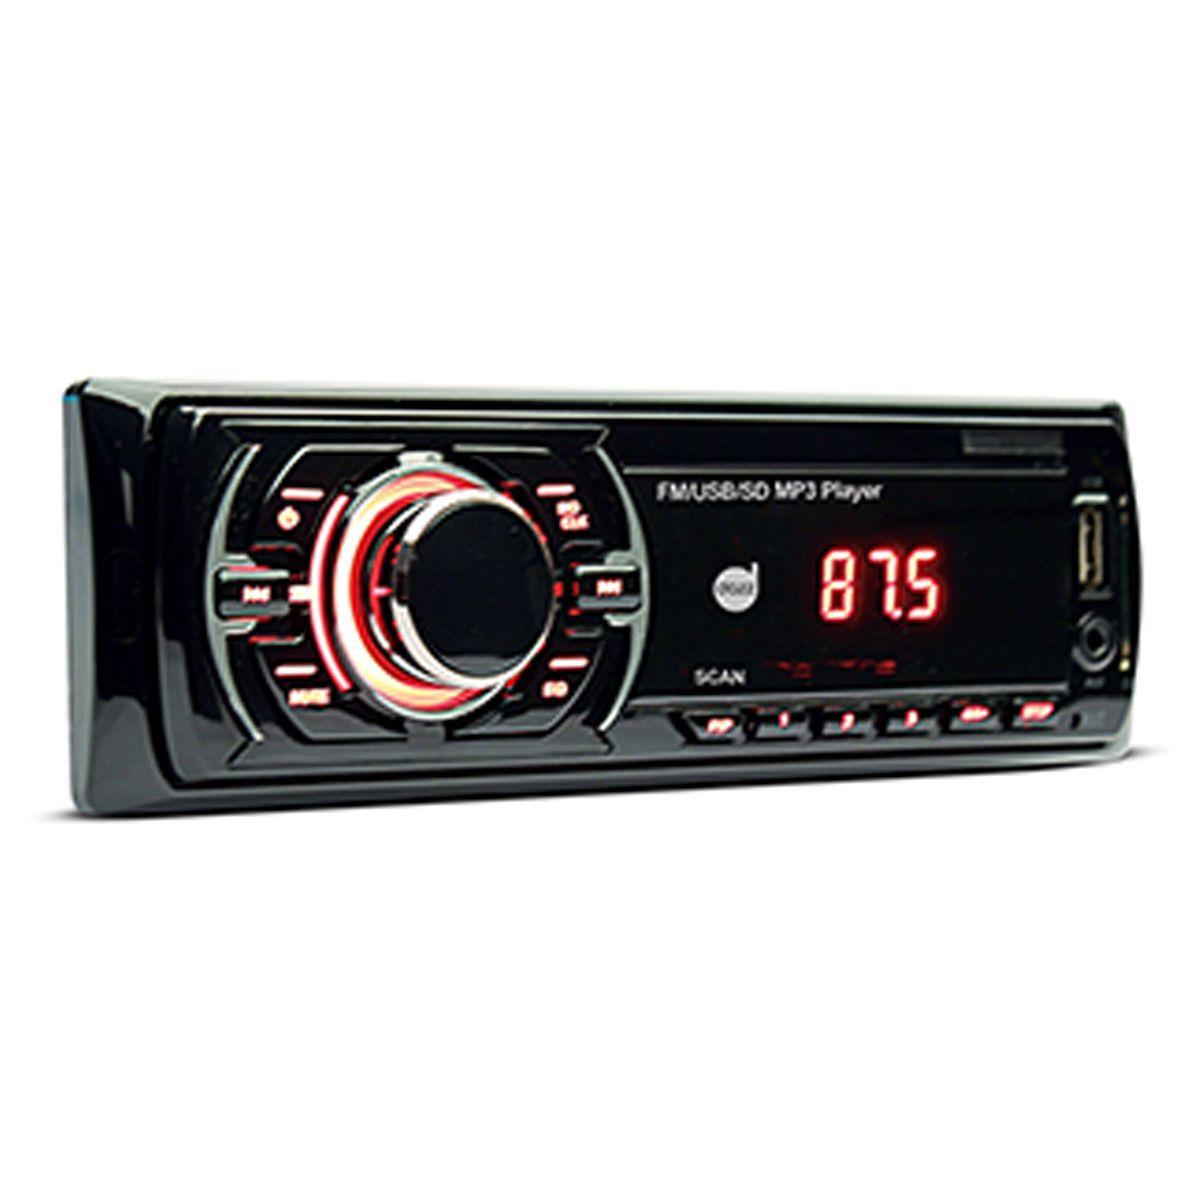 Radio Dazz Fm Usb Dz52240